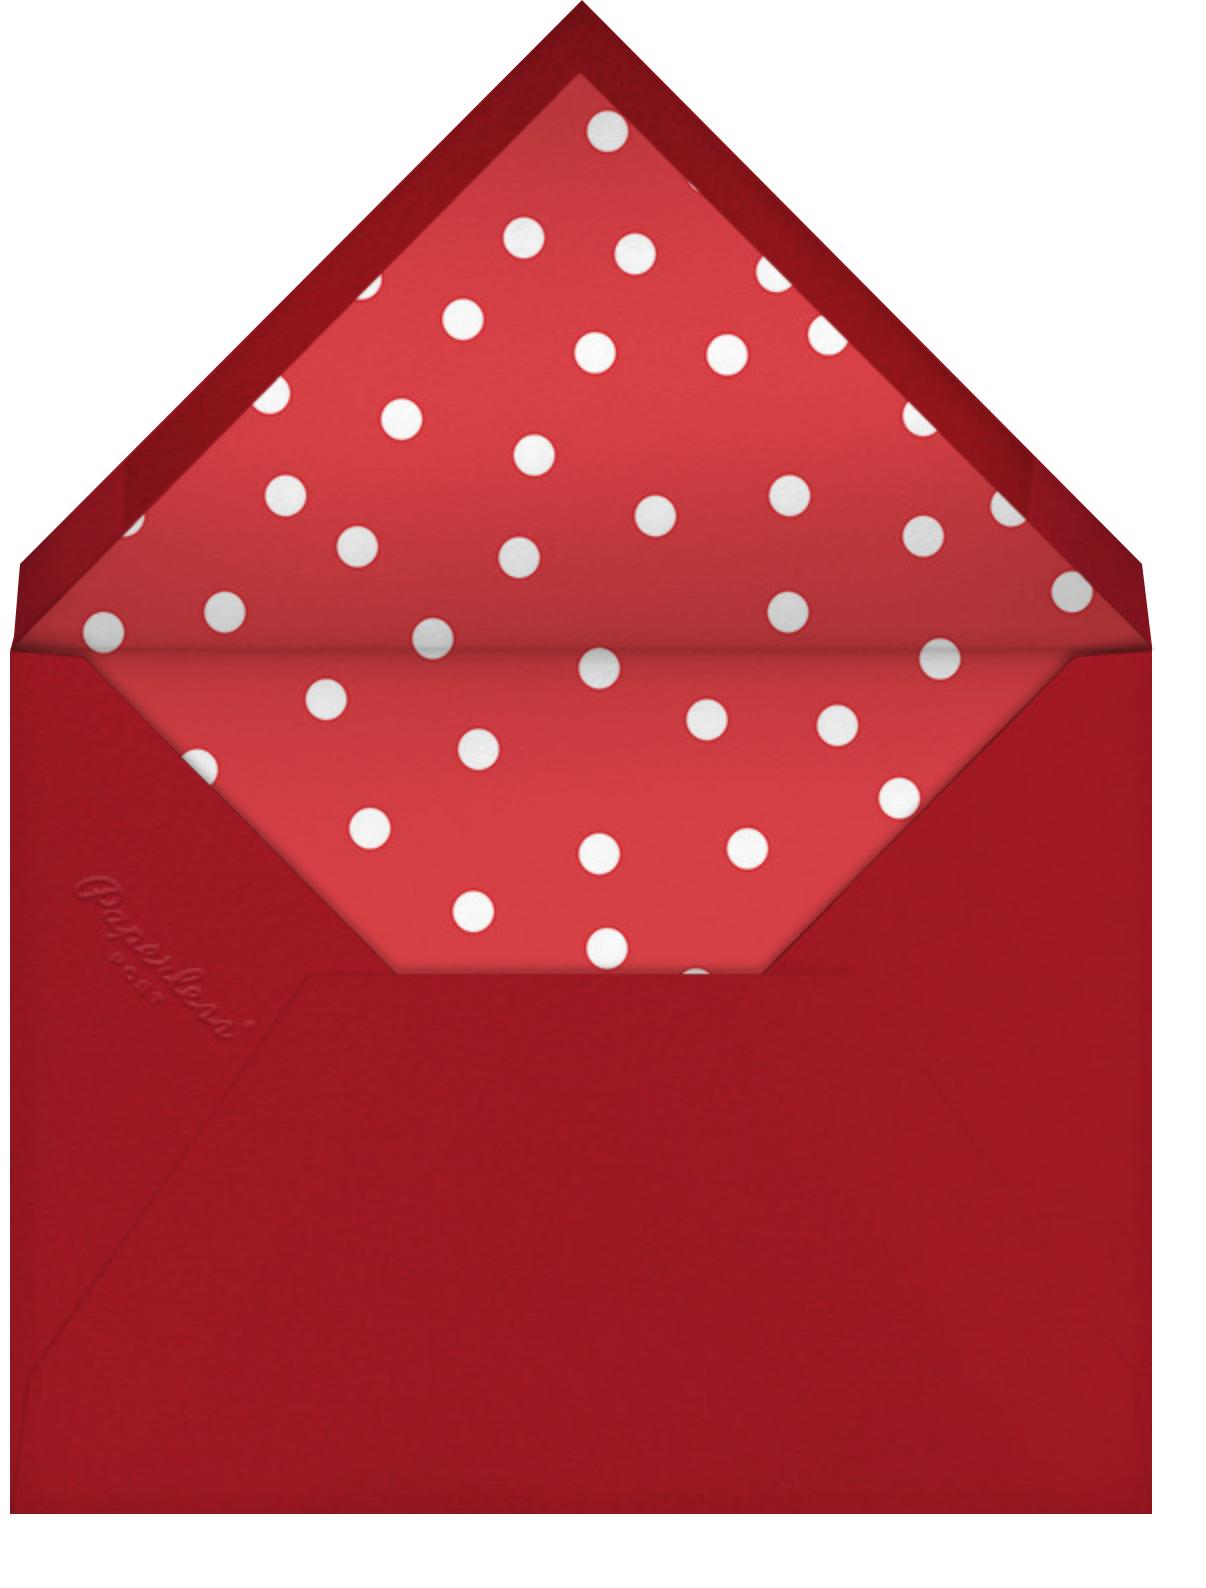 Goofball - Light - Paperless Post - Envelope